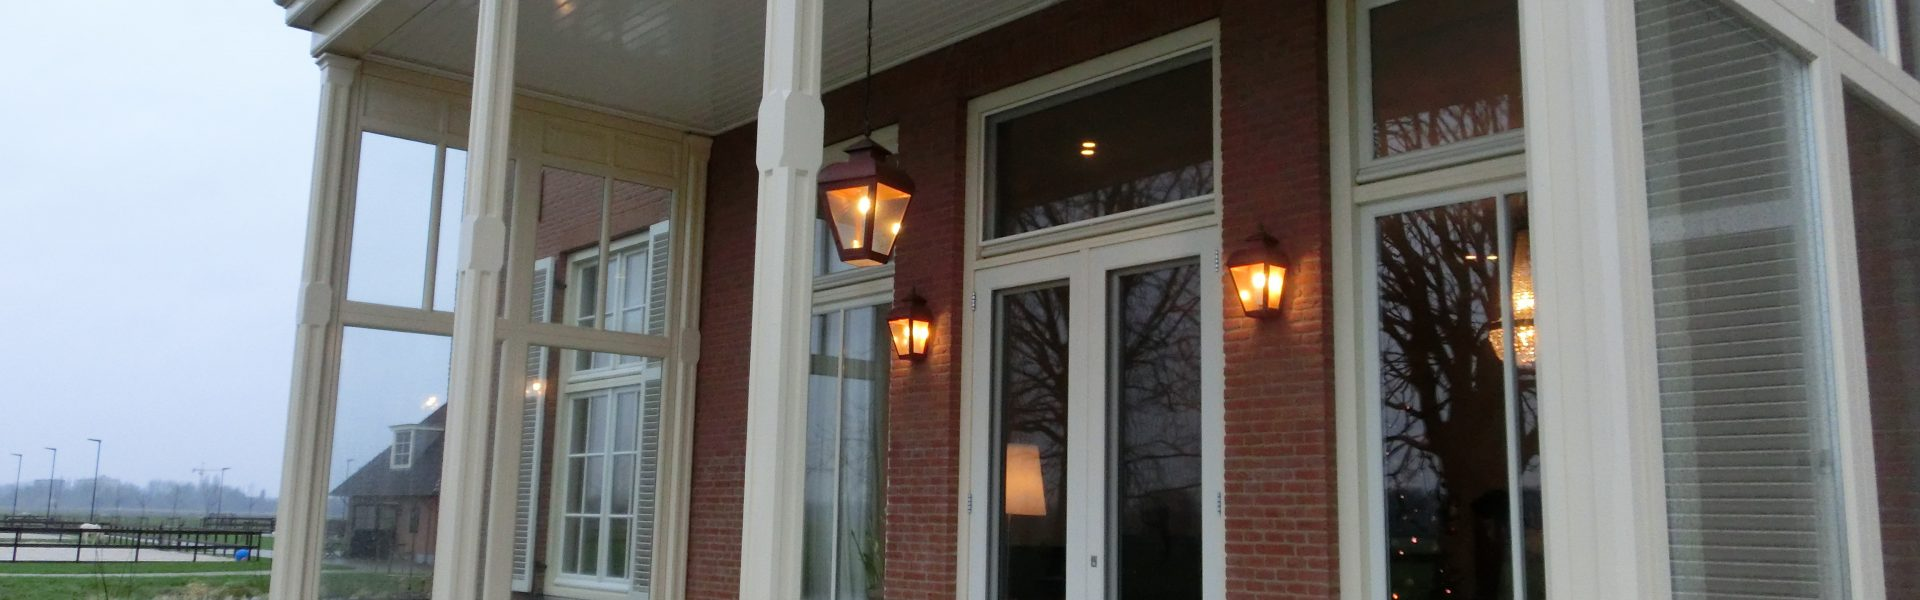 Mooie buitenlamp aan ketting voor onder de veranda